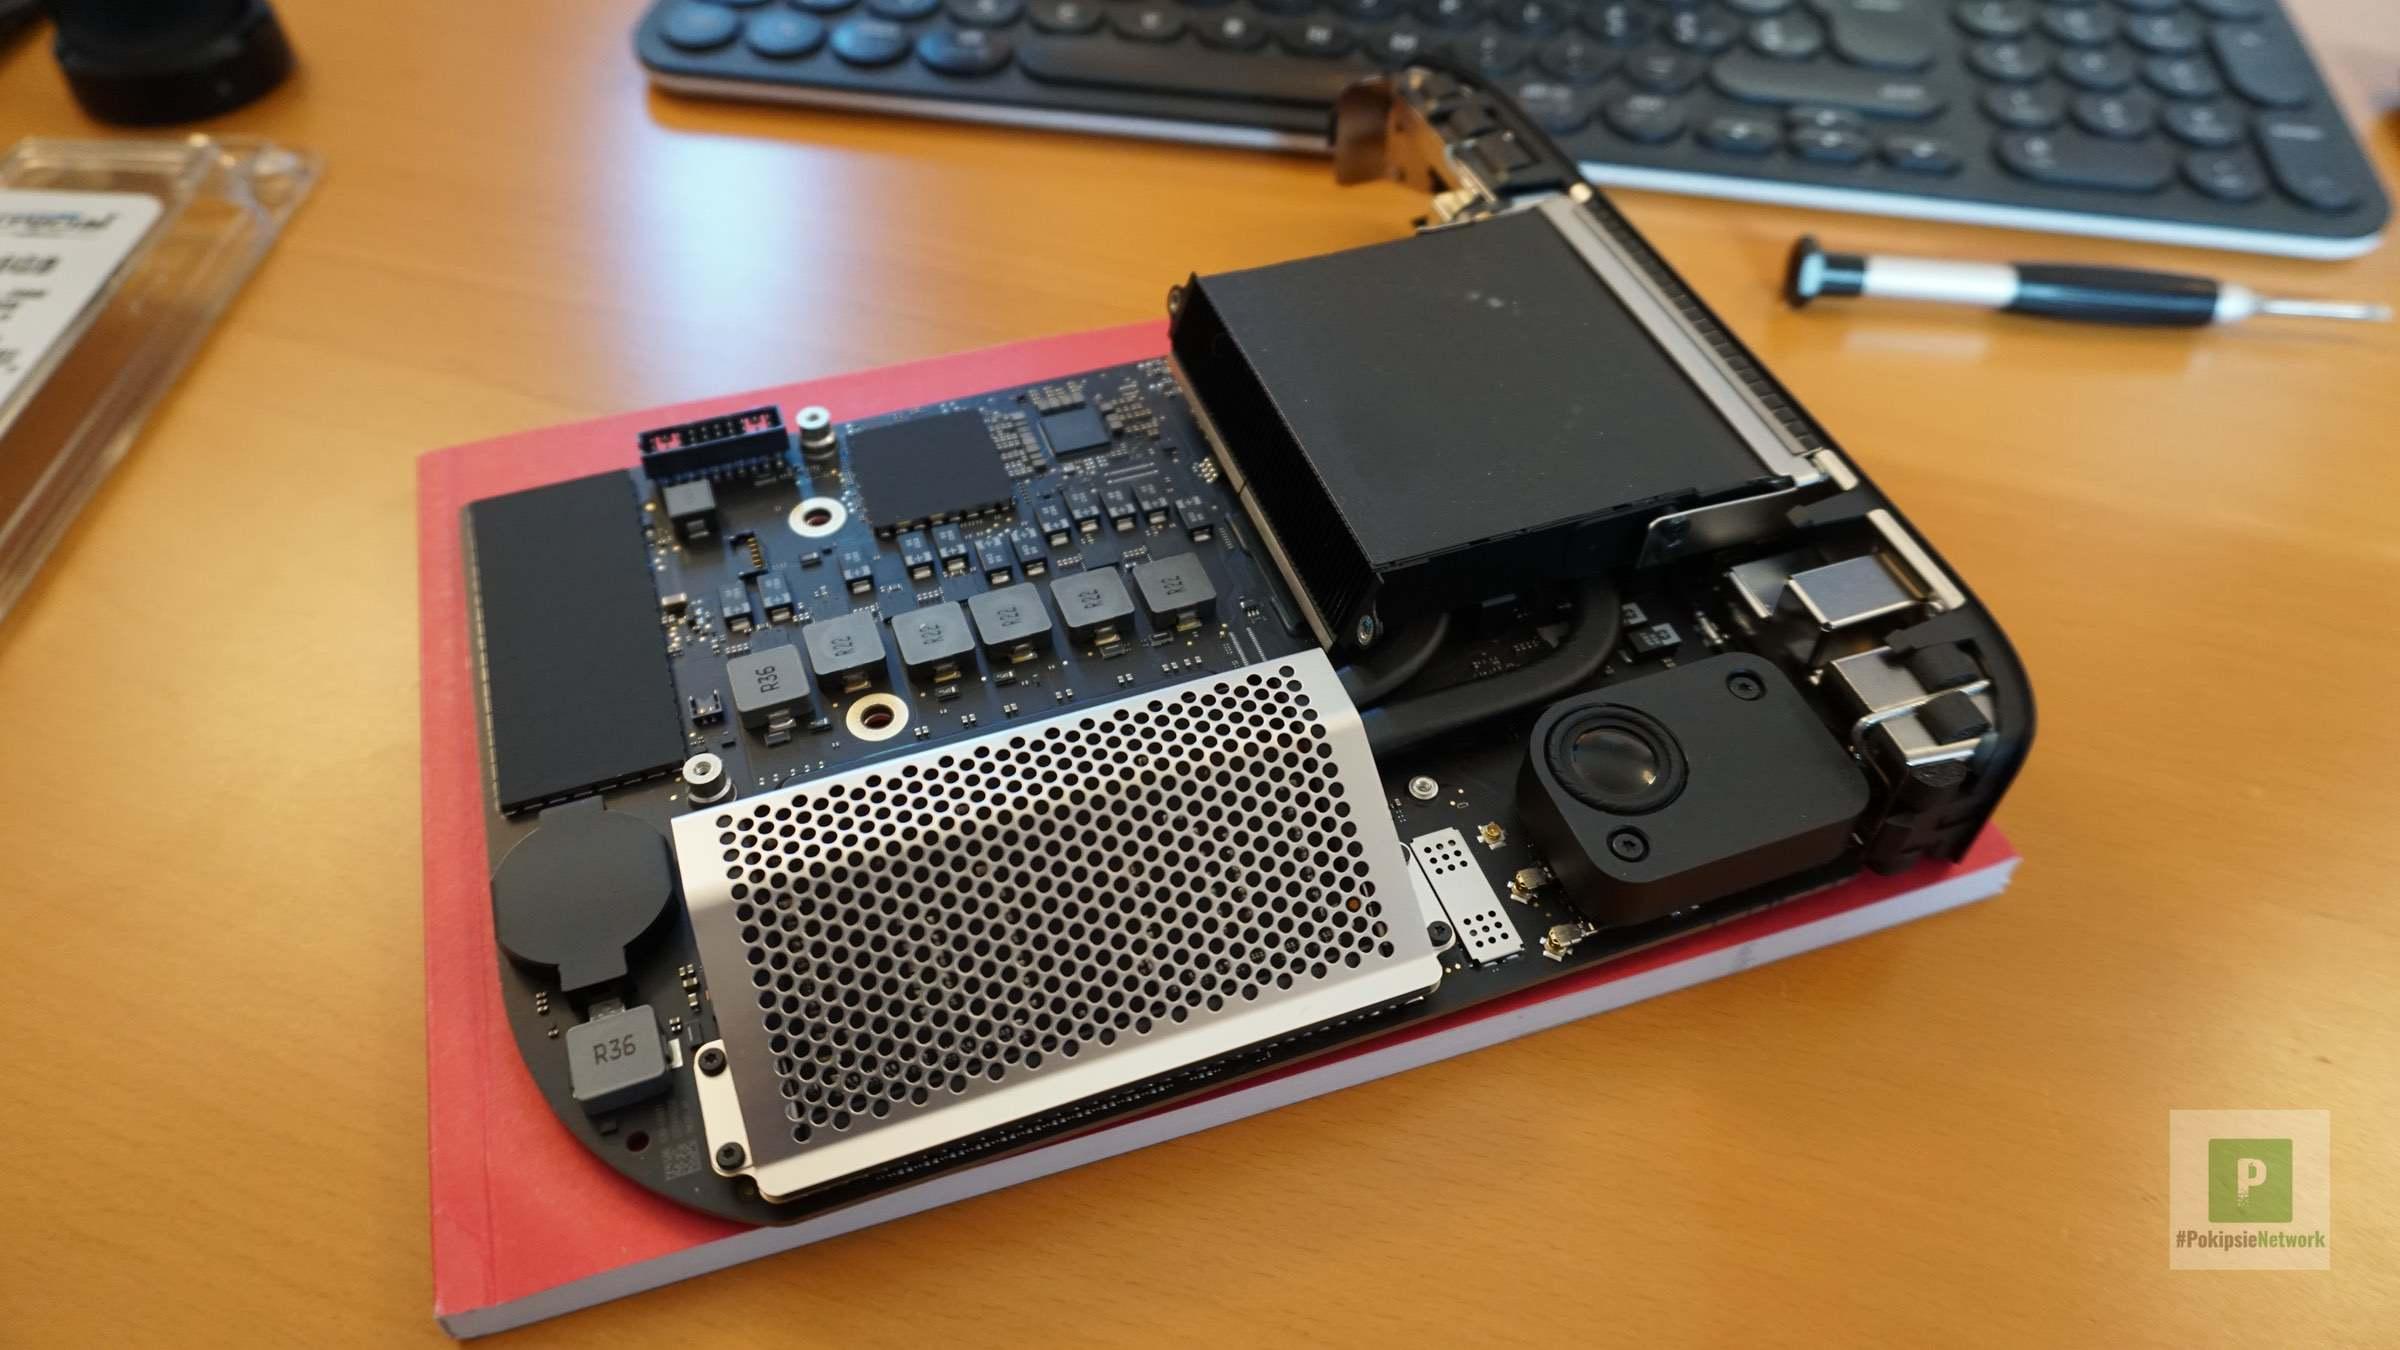 Die Platine hinlegen mit direktem Zugriff auf die RAM-Module